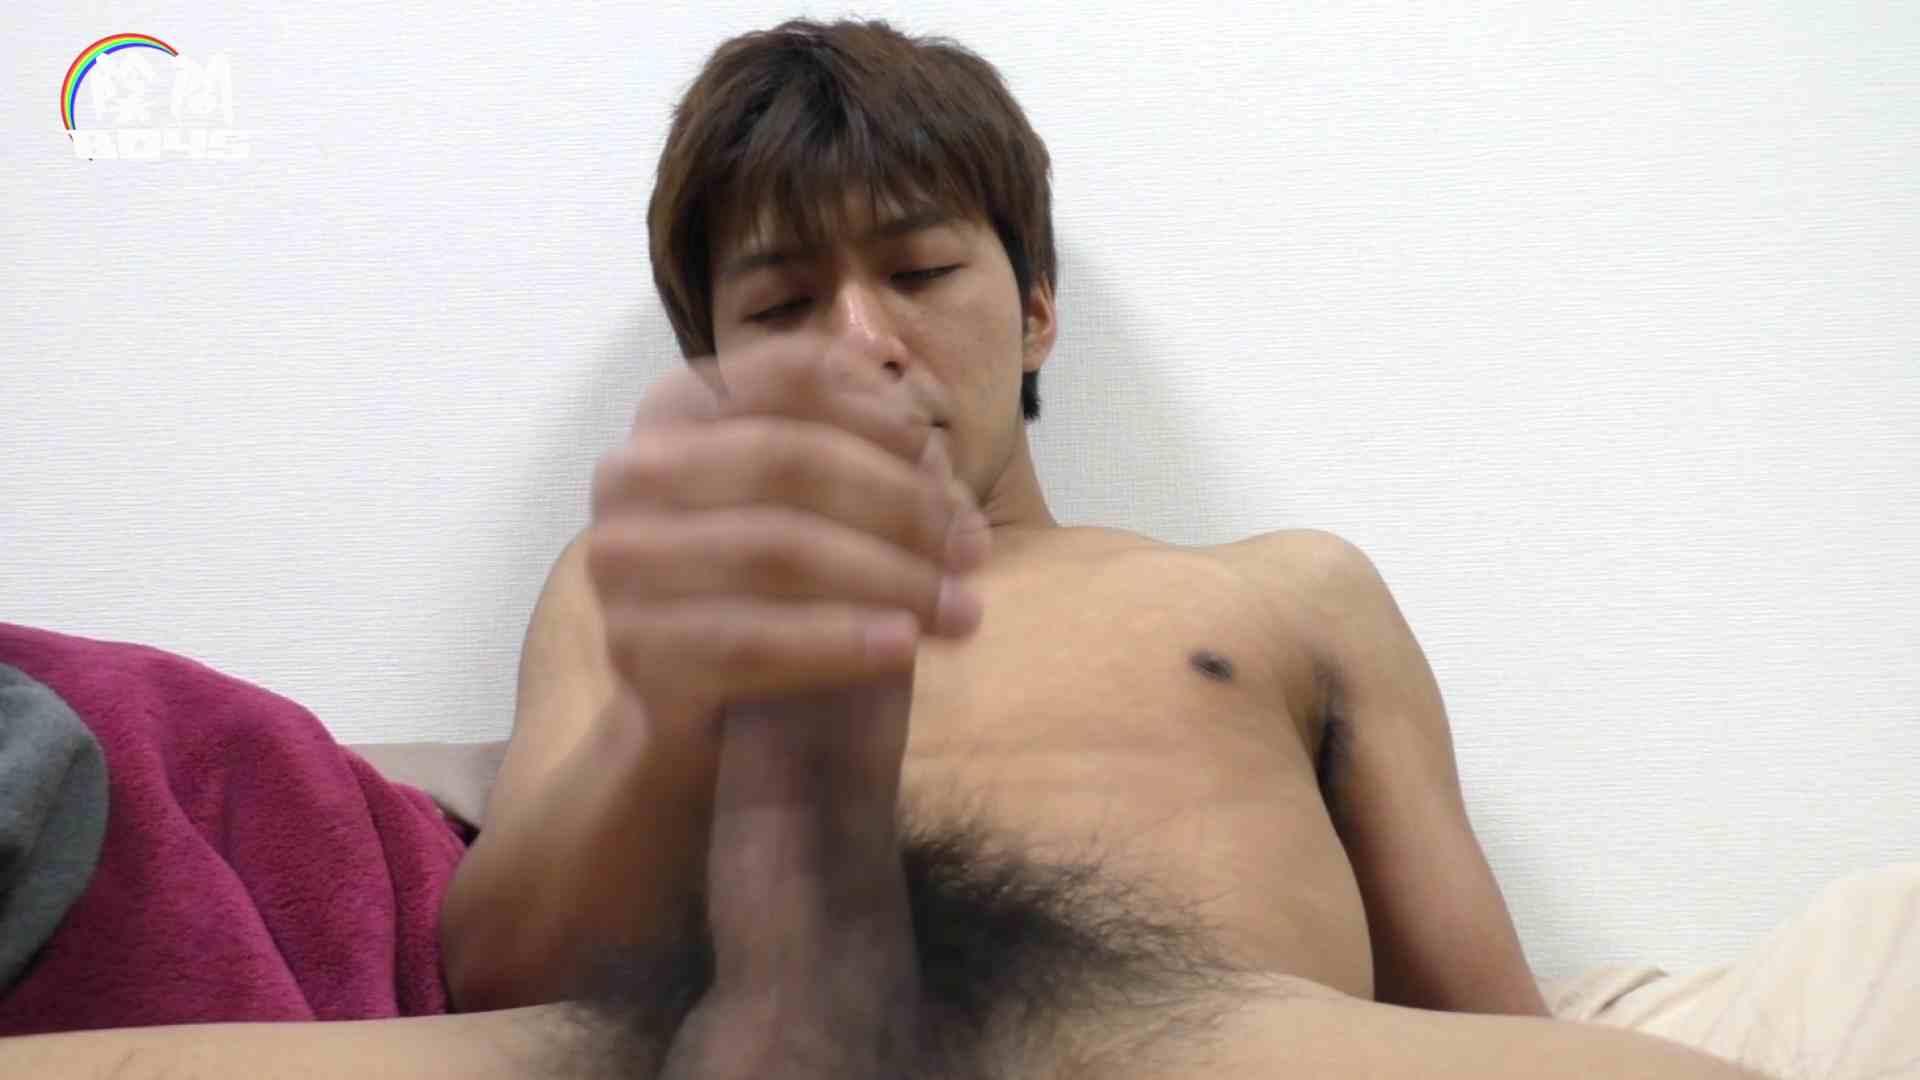 アナルは決して眠らない No.02 ゲイ悪戯 ゲイフリーエロ画像 57pic 15